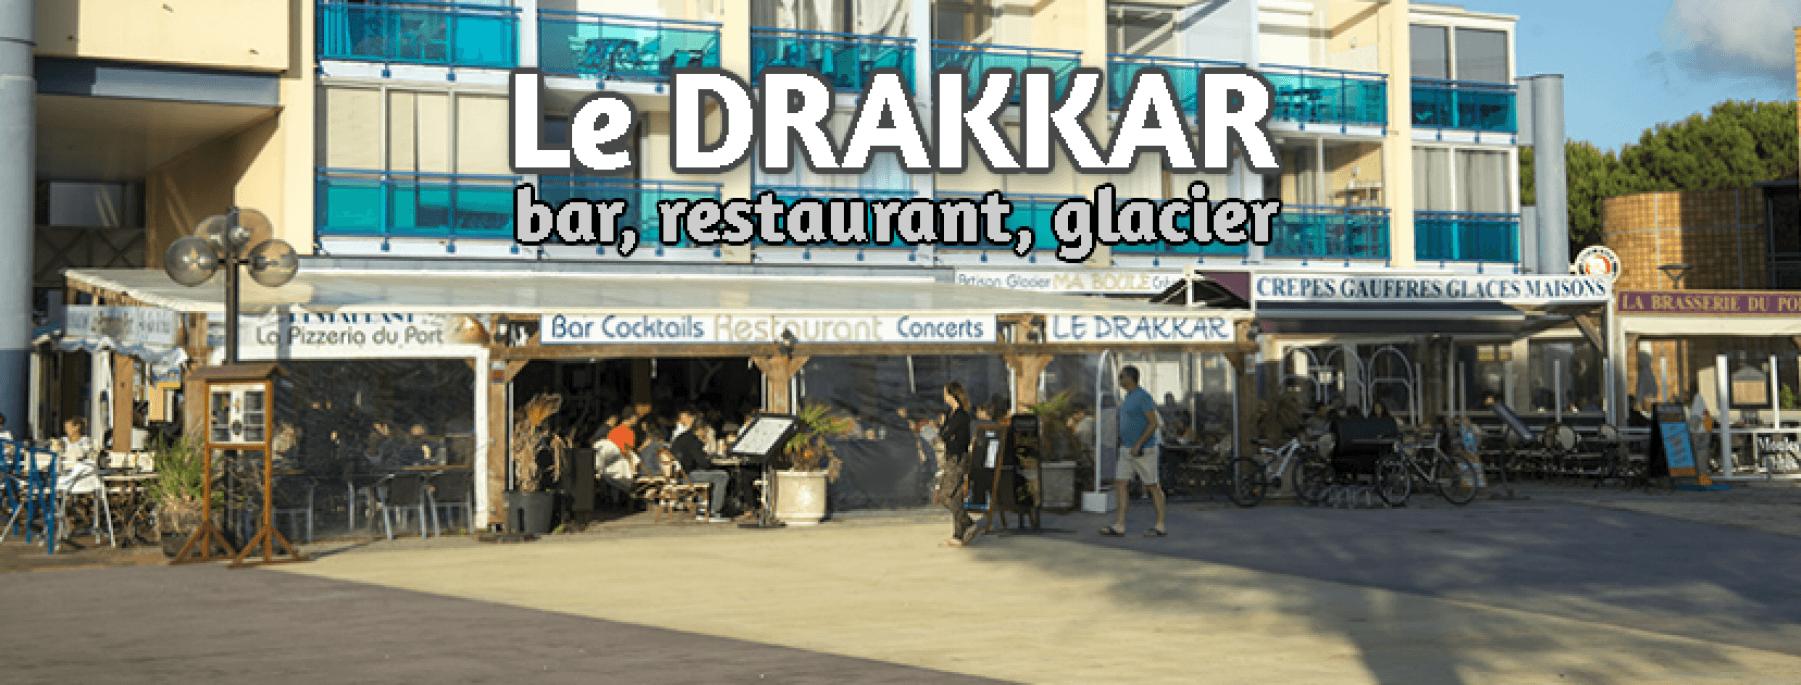 Le Drakkar